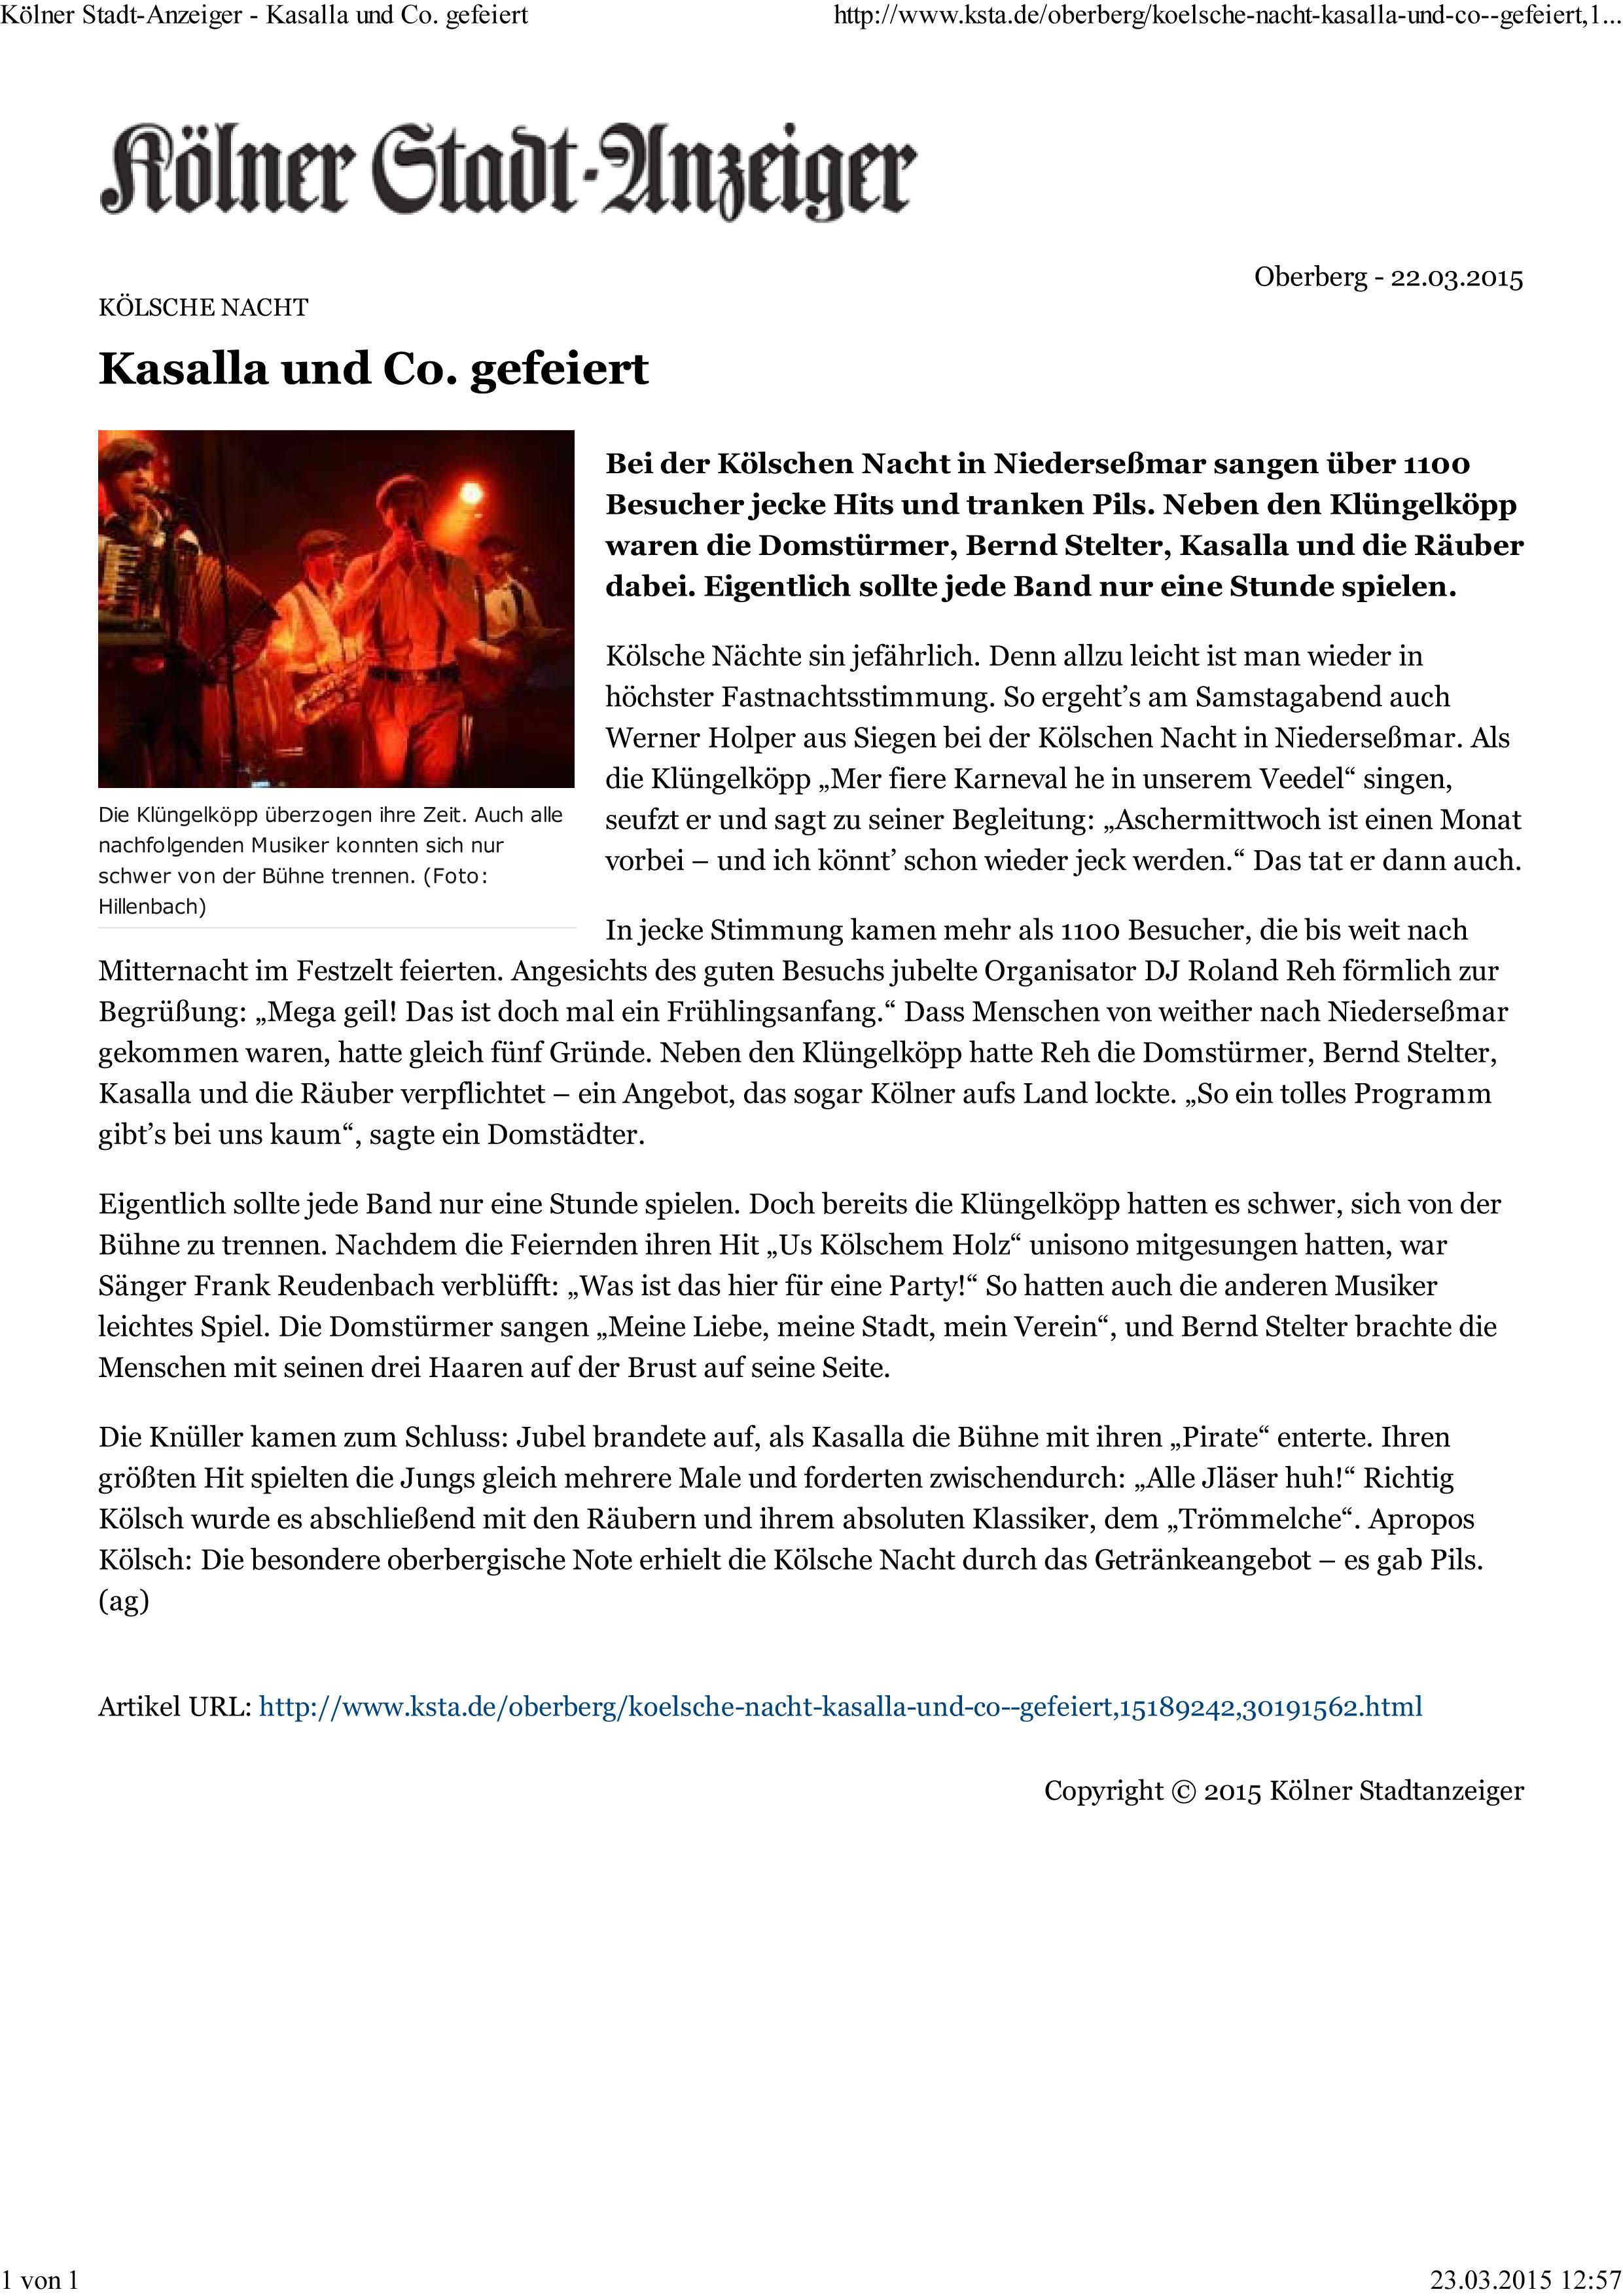 Kölner Stadt-Anzeiger - Kasalla und Co. gefeiert